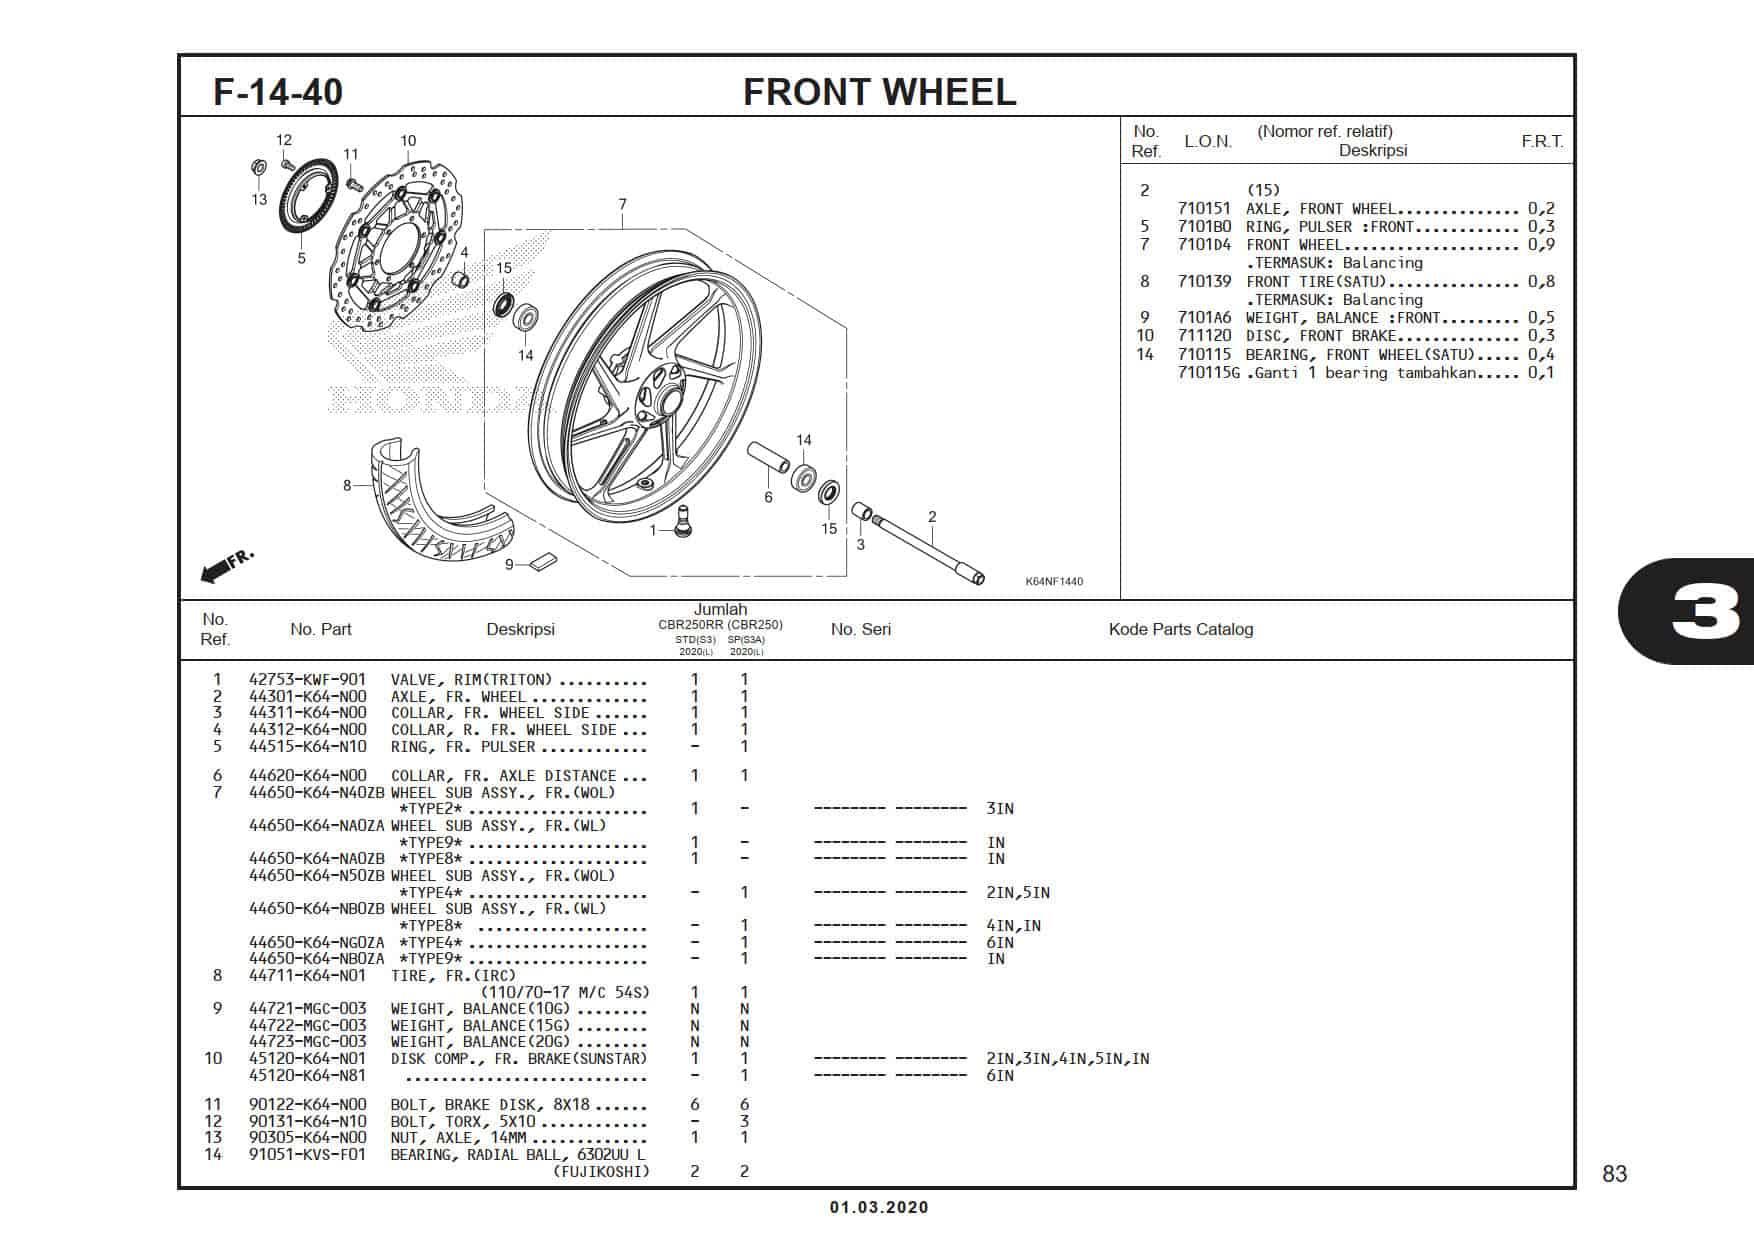 F-14-40 Front Wheel